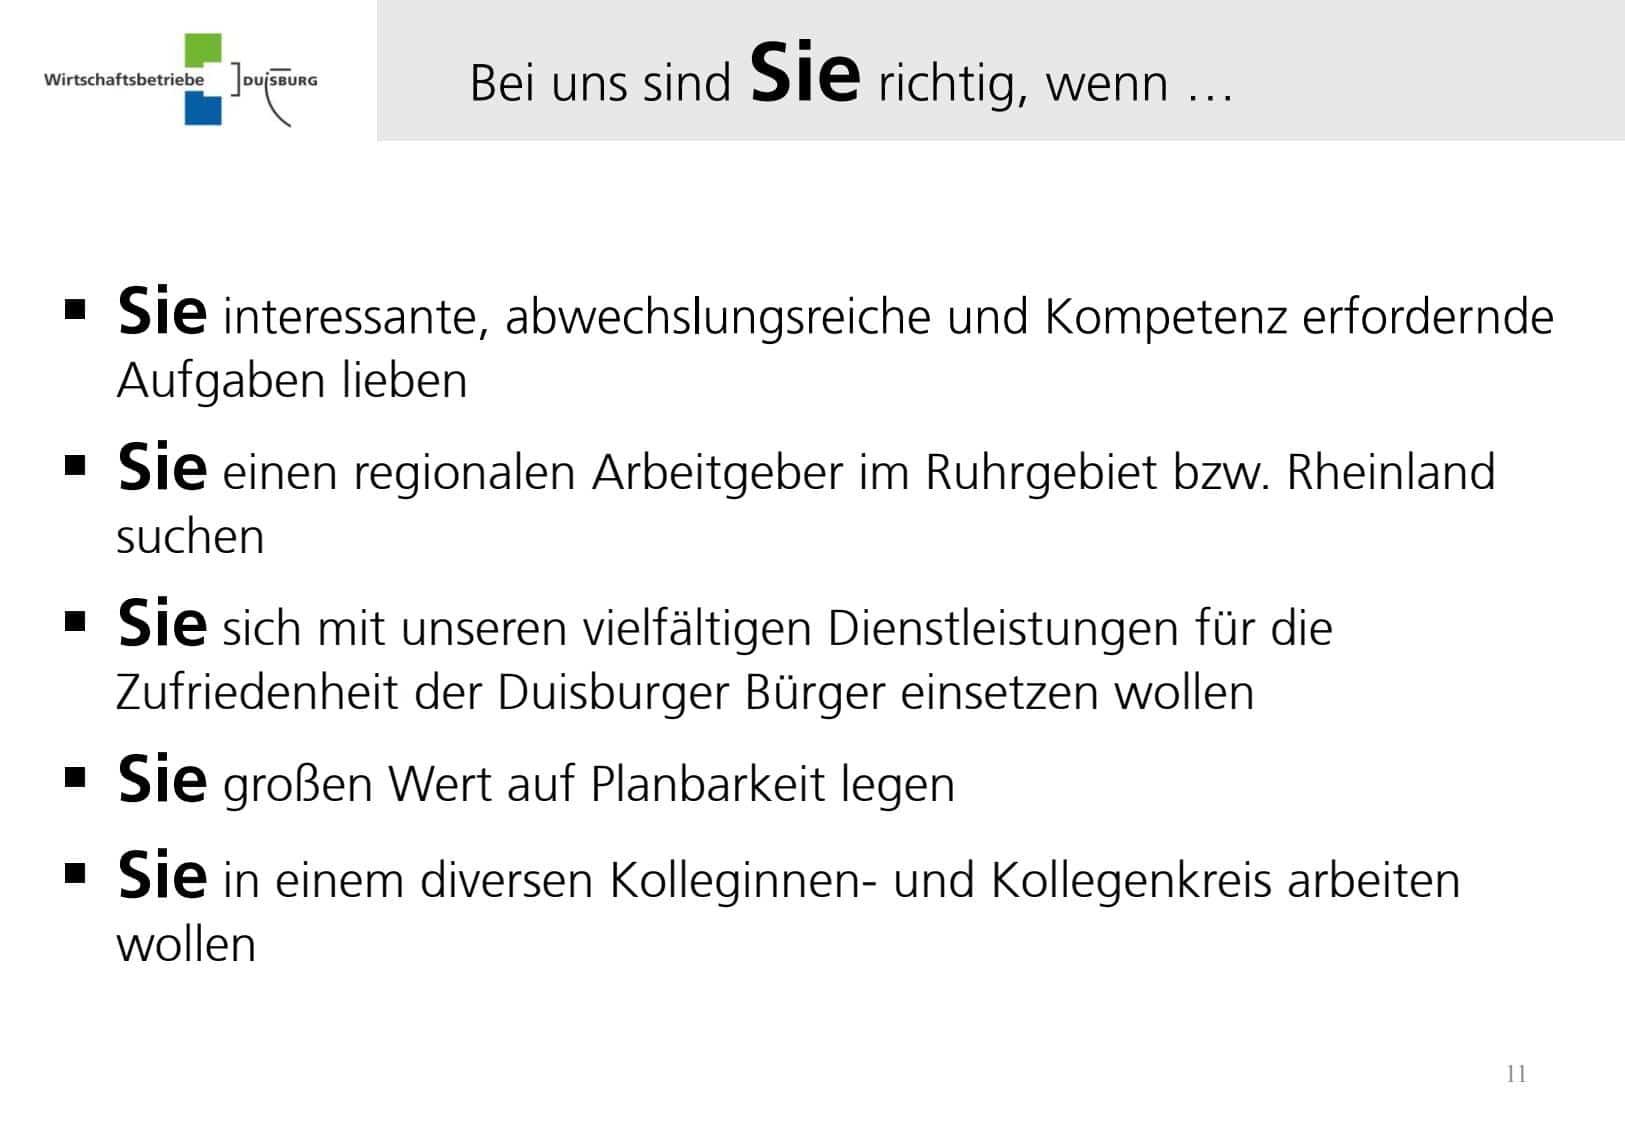 Wirtschaftsbetriebe Duisburg-AöR_page_11